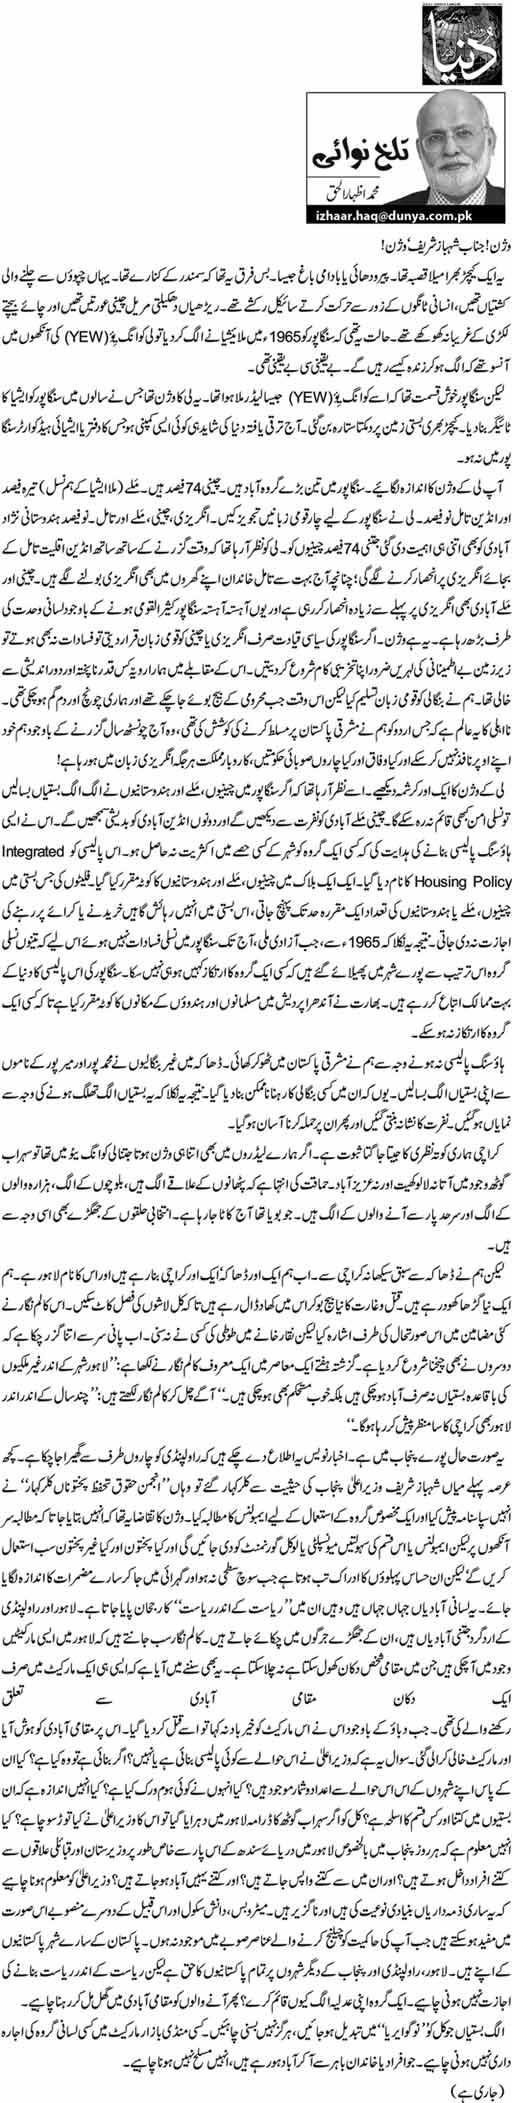 Vision!Janab Shahbaz Sharif 'Vission! - M. Izhar ul Haq